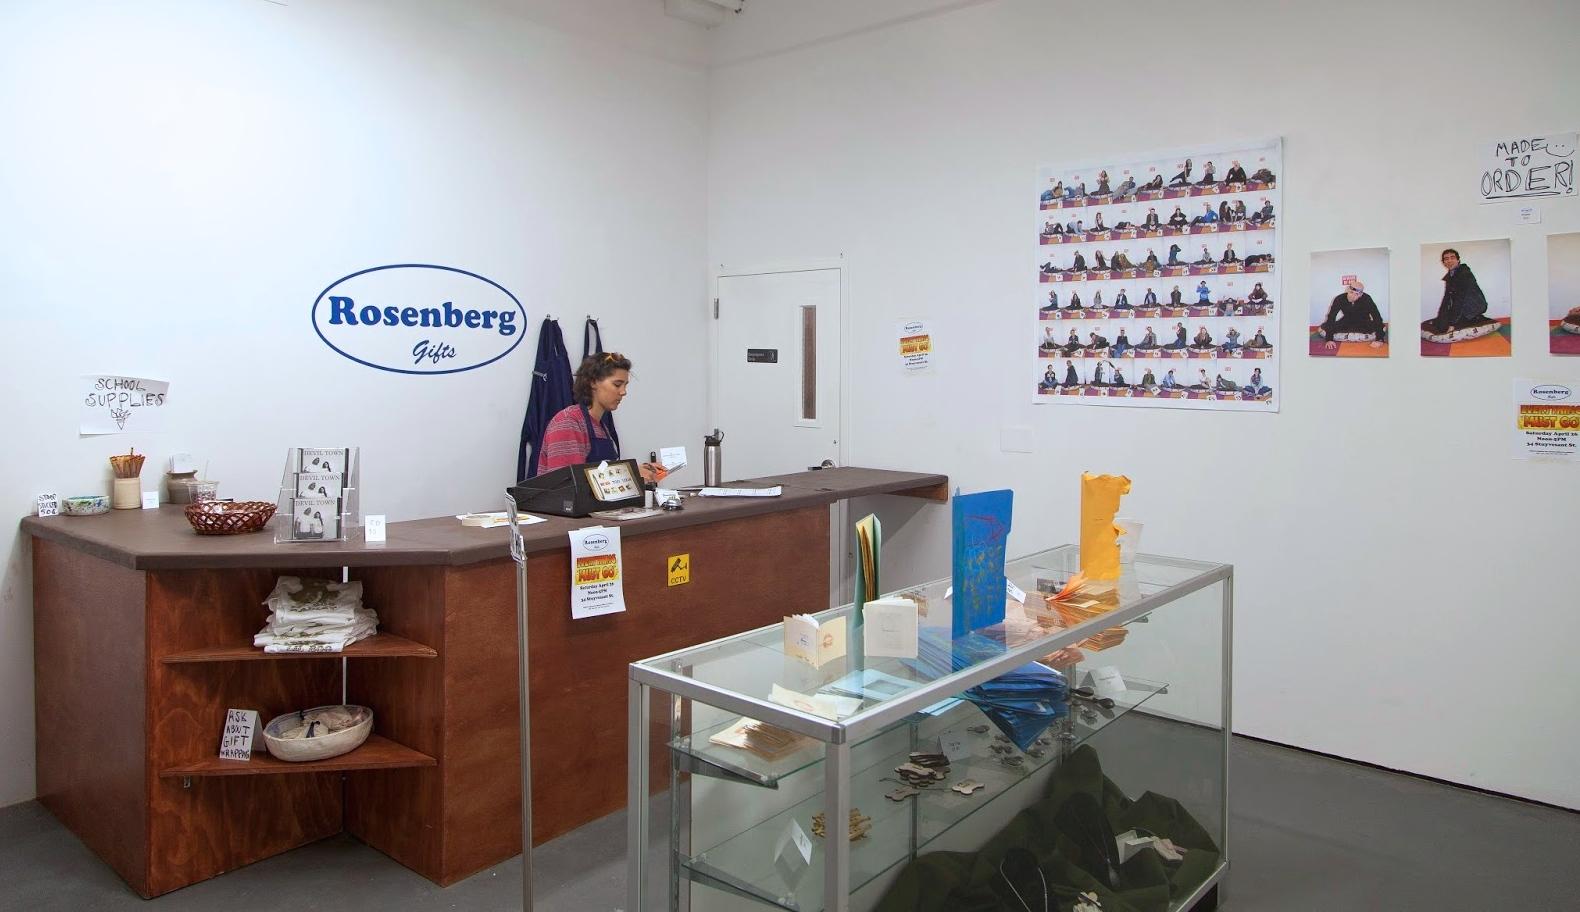 Rosenberg 21.jpg